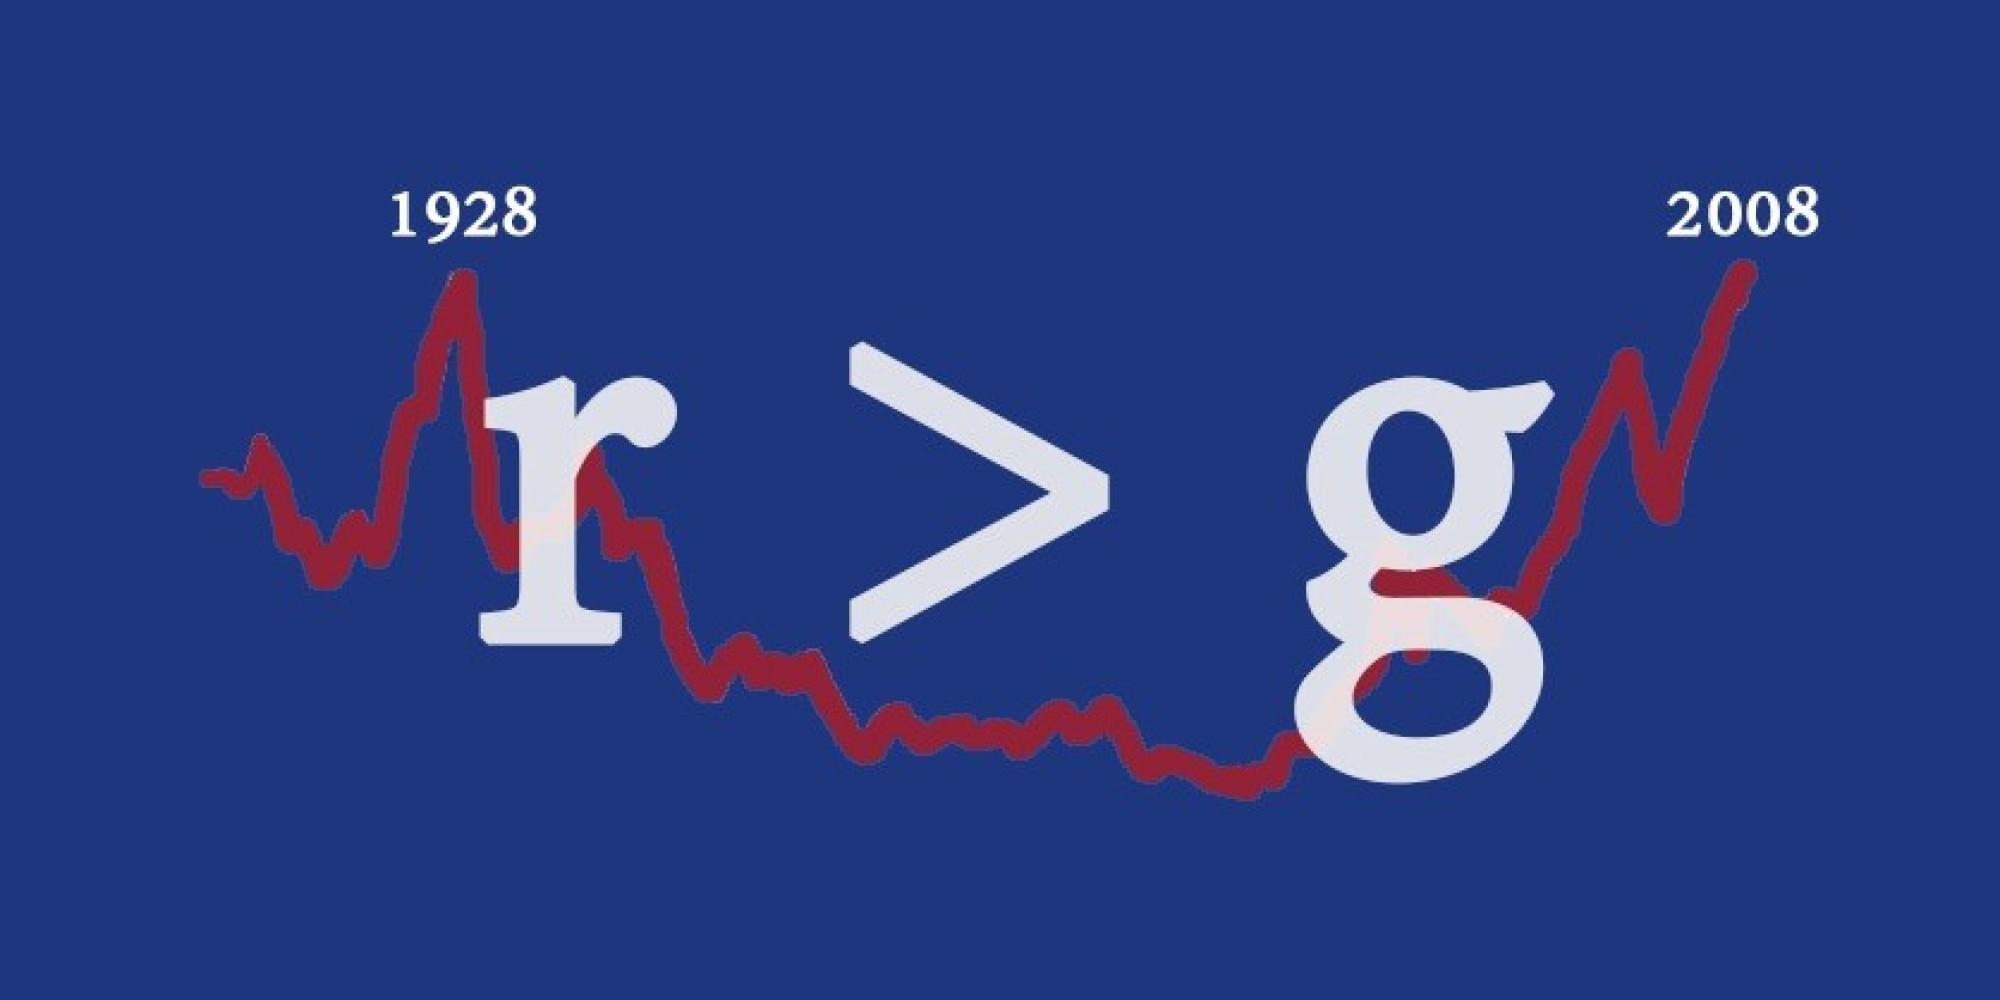 トマ・ピケティ 21世紀の資本 解説